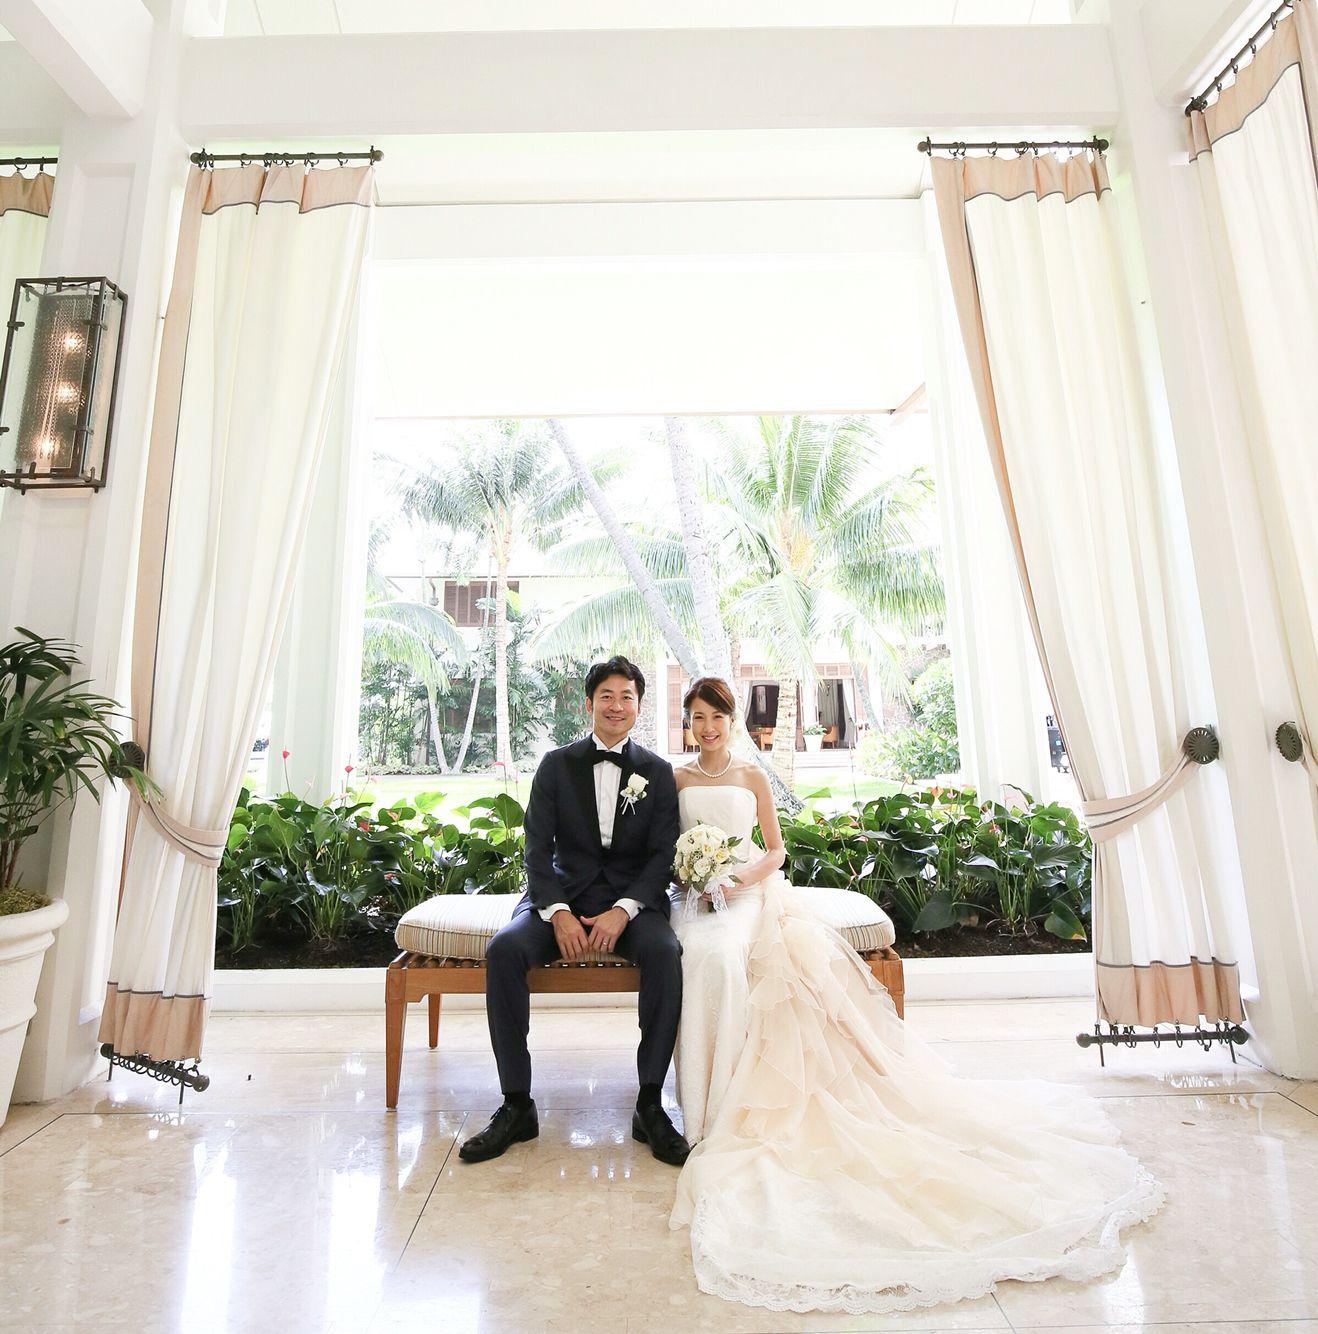 Waikiki Beach Wedding Ceremony